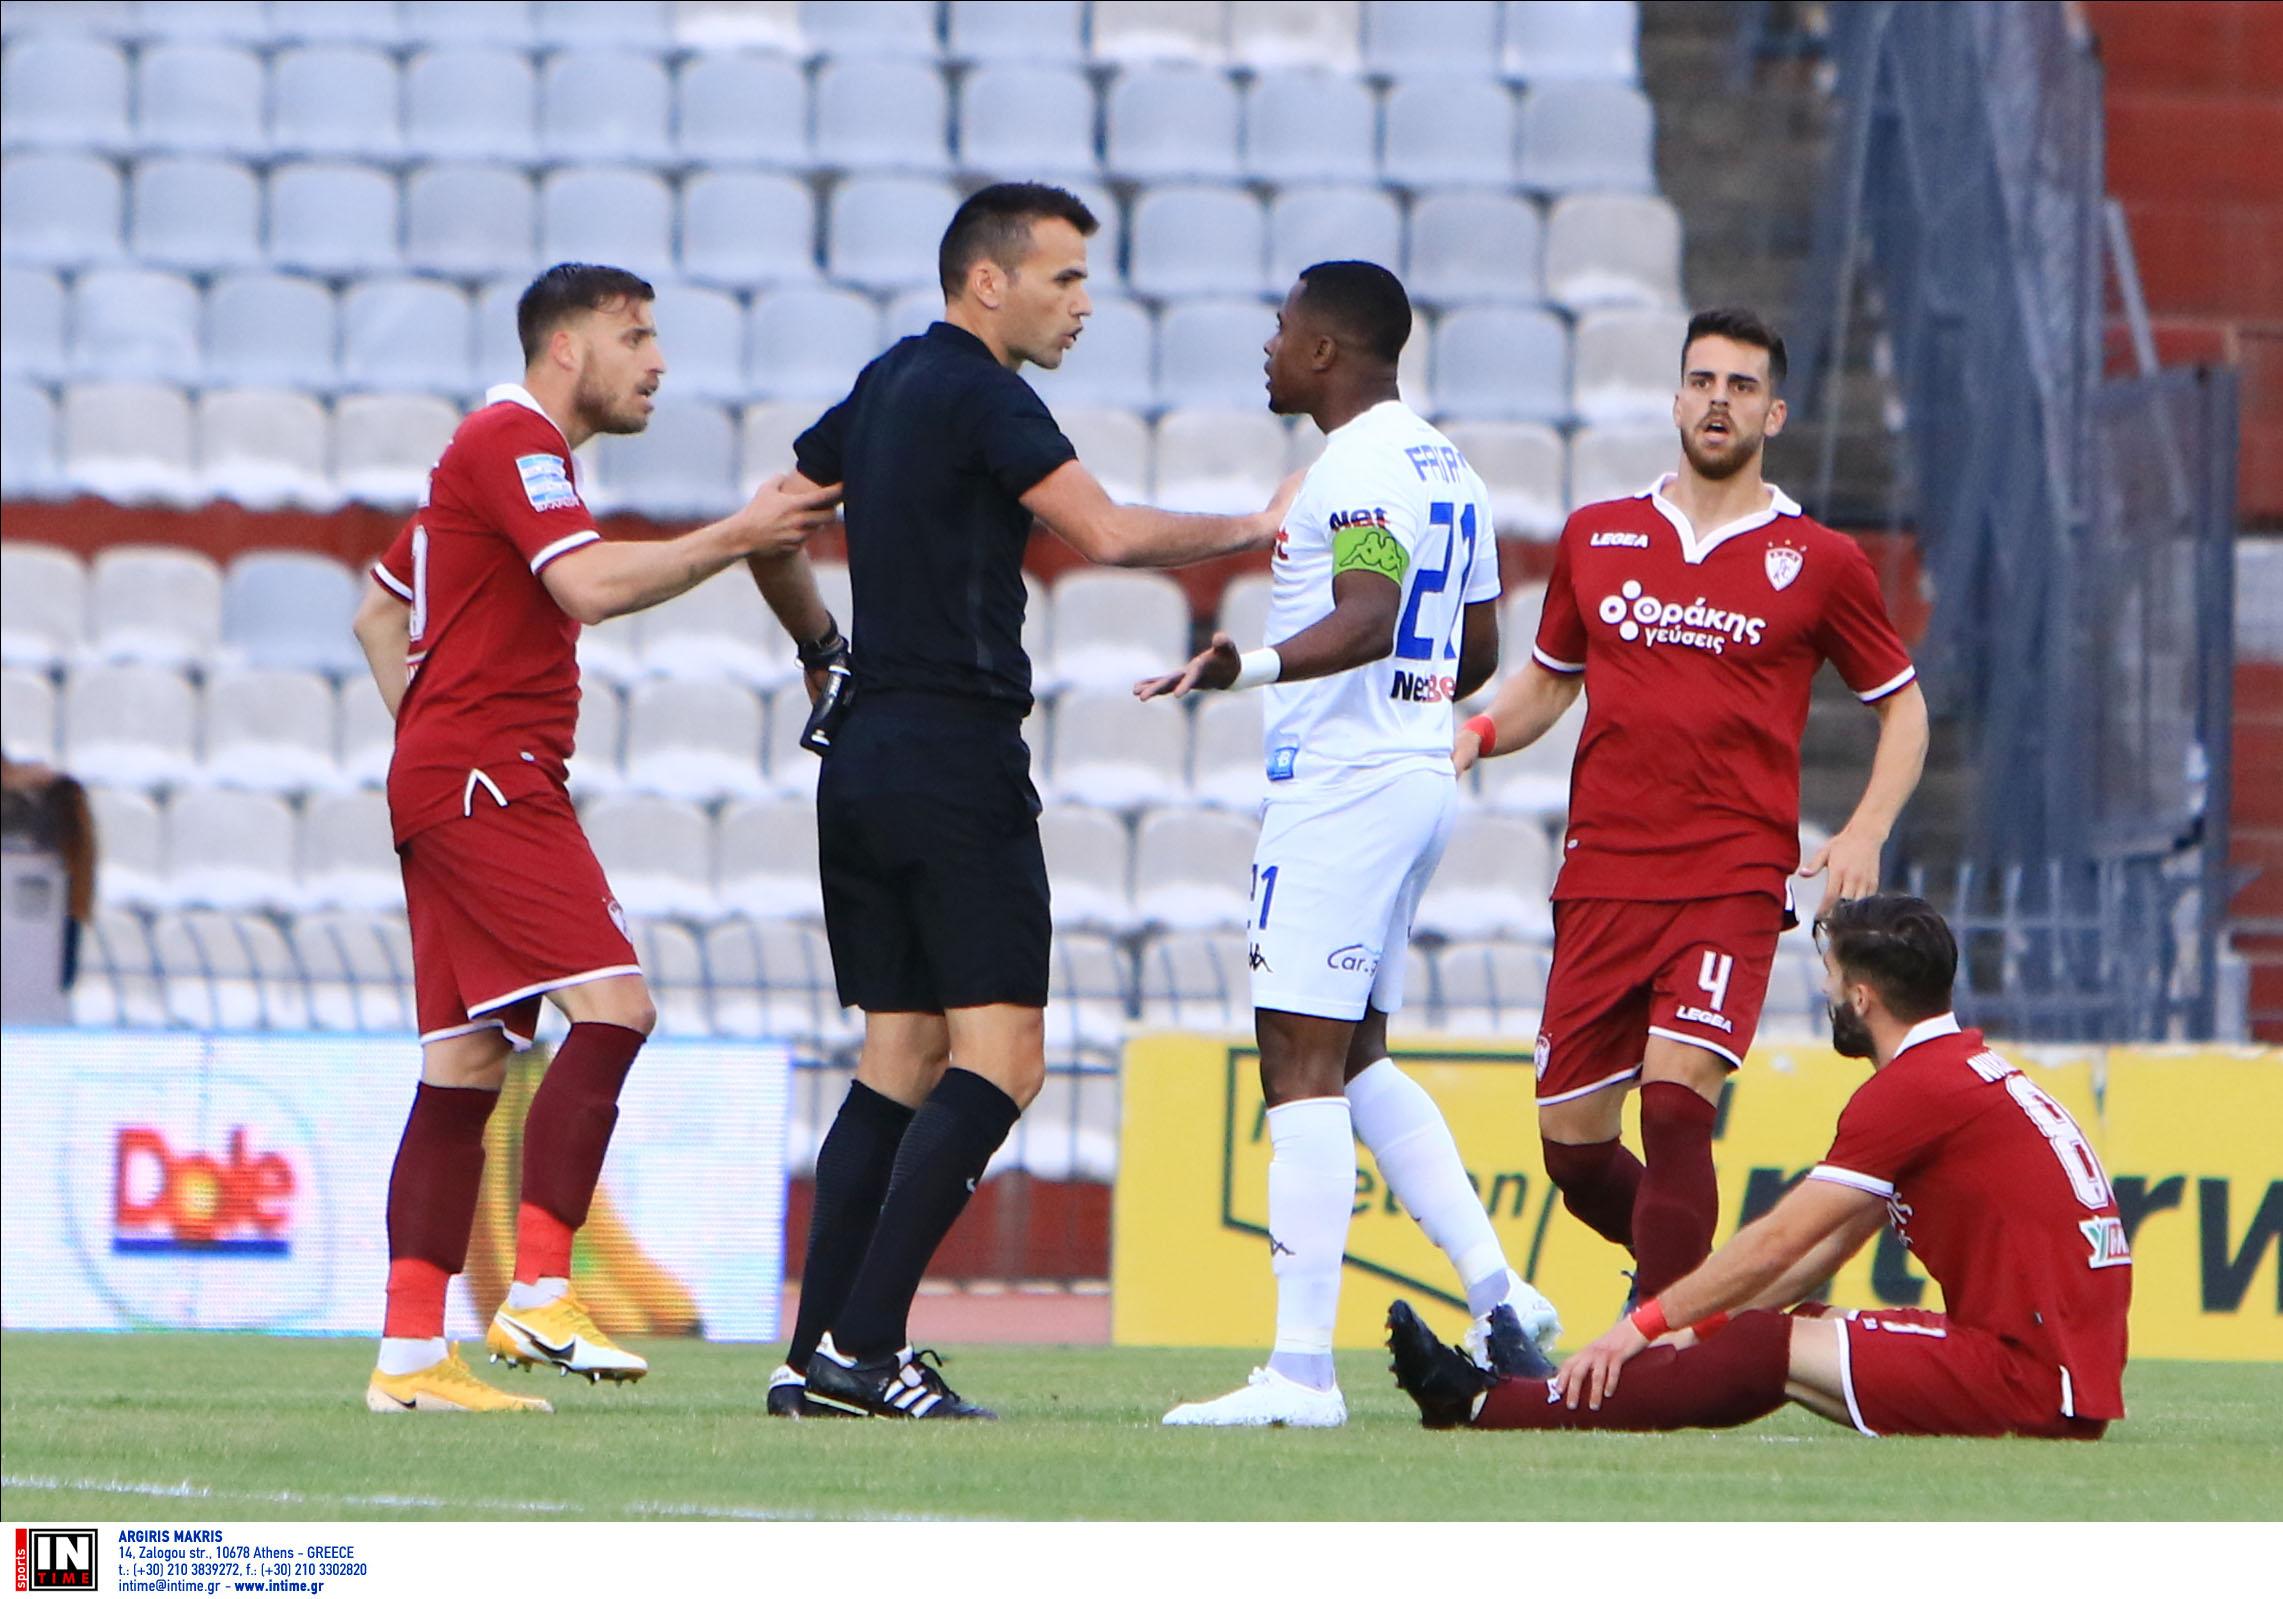 Χαμός στο ΑΕΛ – ΠΑΣ Γιάννινα με παίκτη να καταγγέλλει ρατσιστική επίθεση